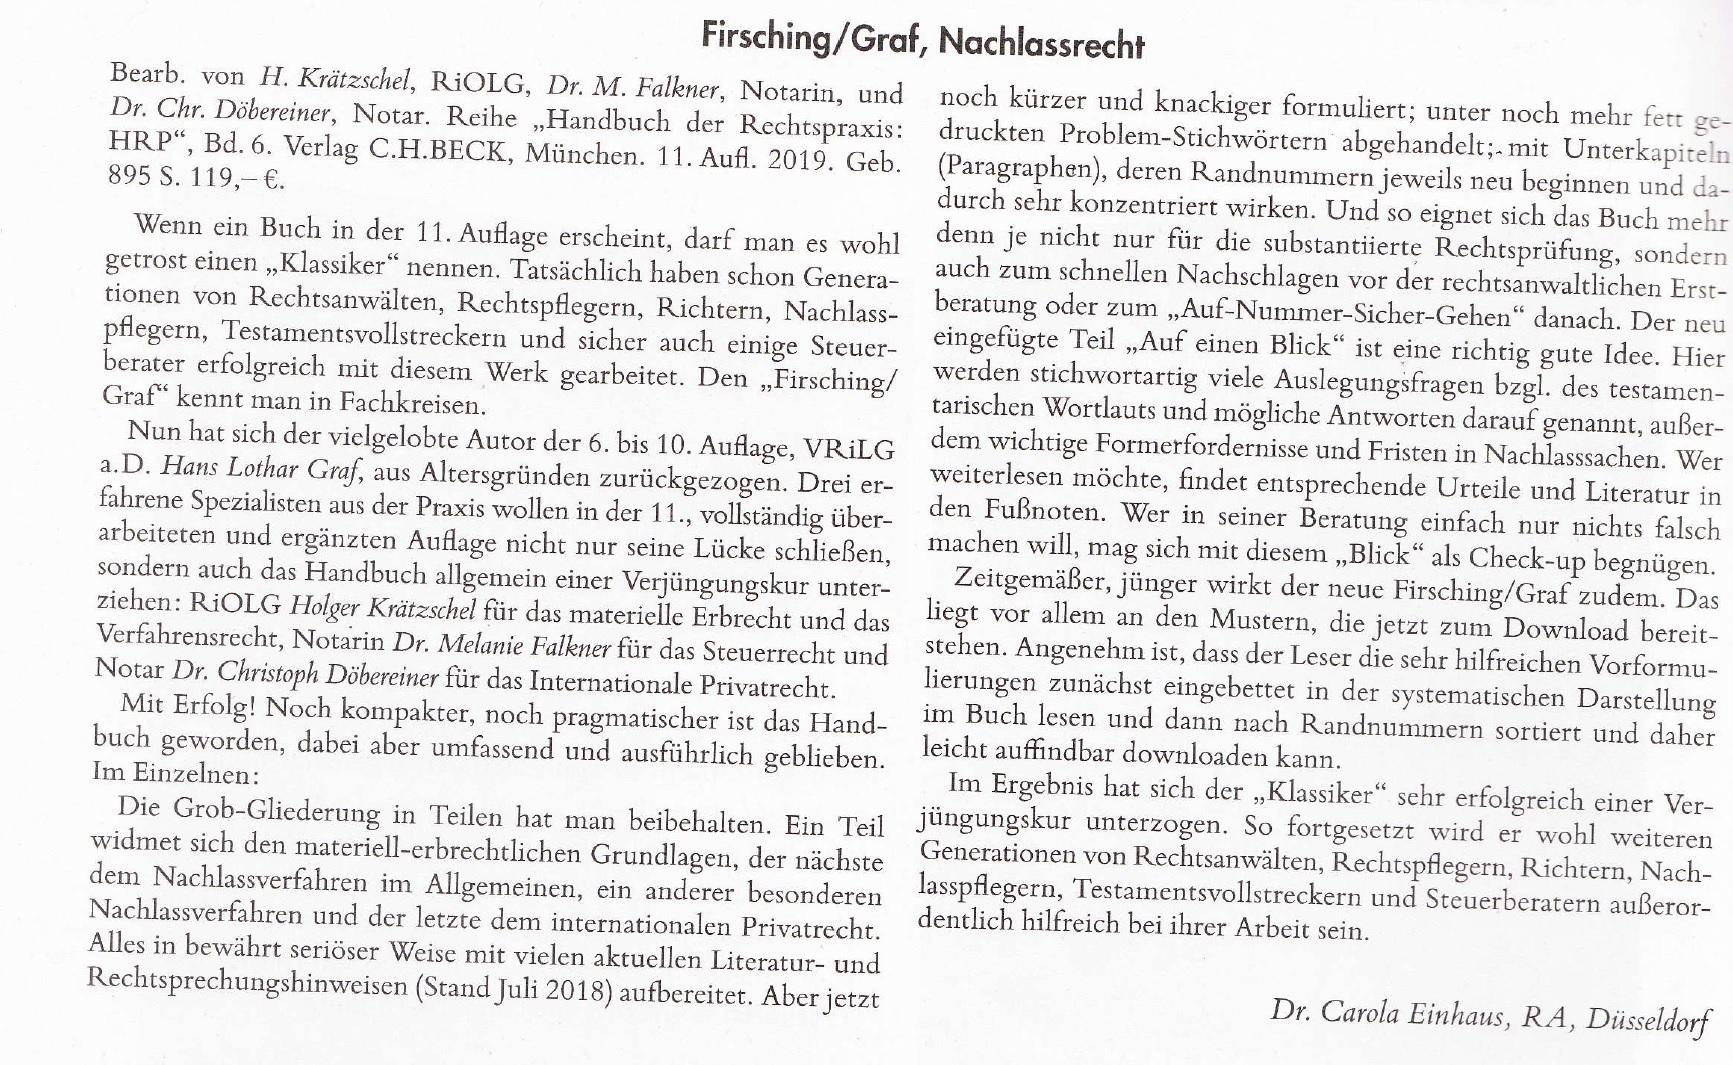 Rezension im Heft 8 der Zeitschrift für Erbrecht und Vermögensnachfolge, Jg. 2019